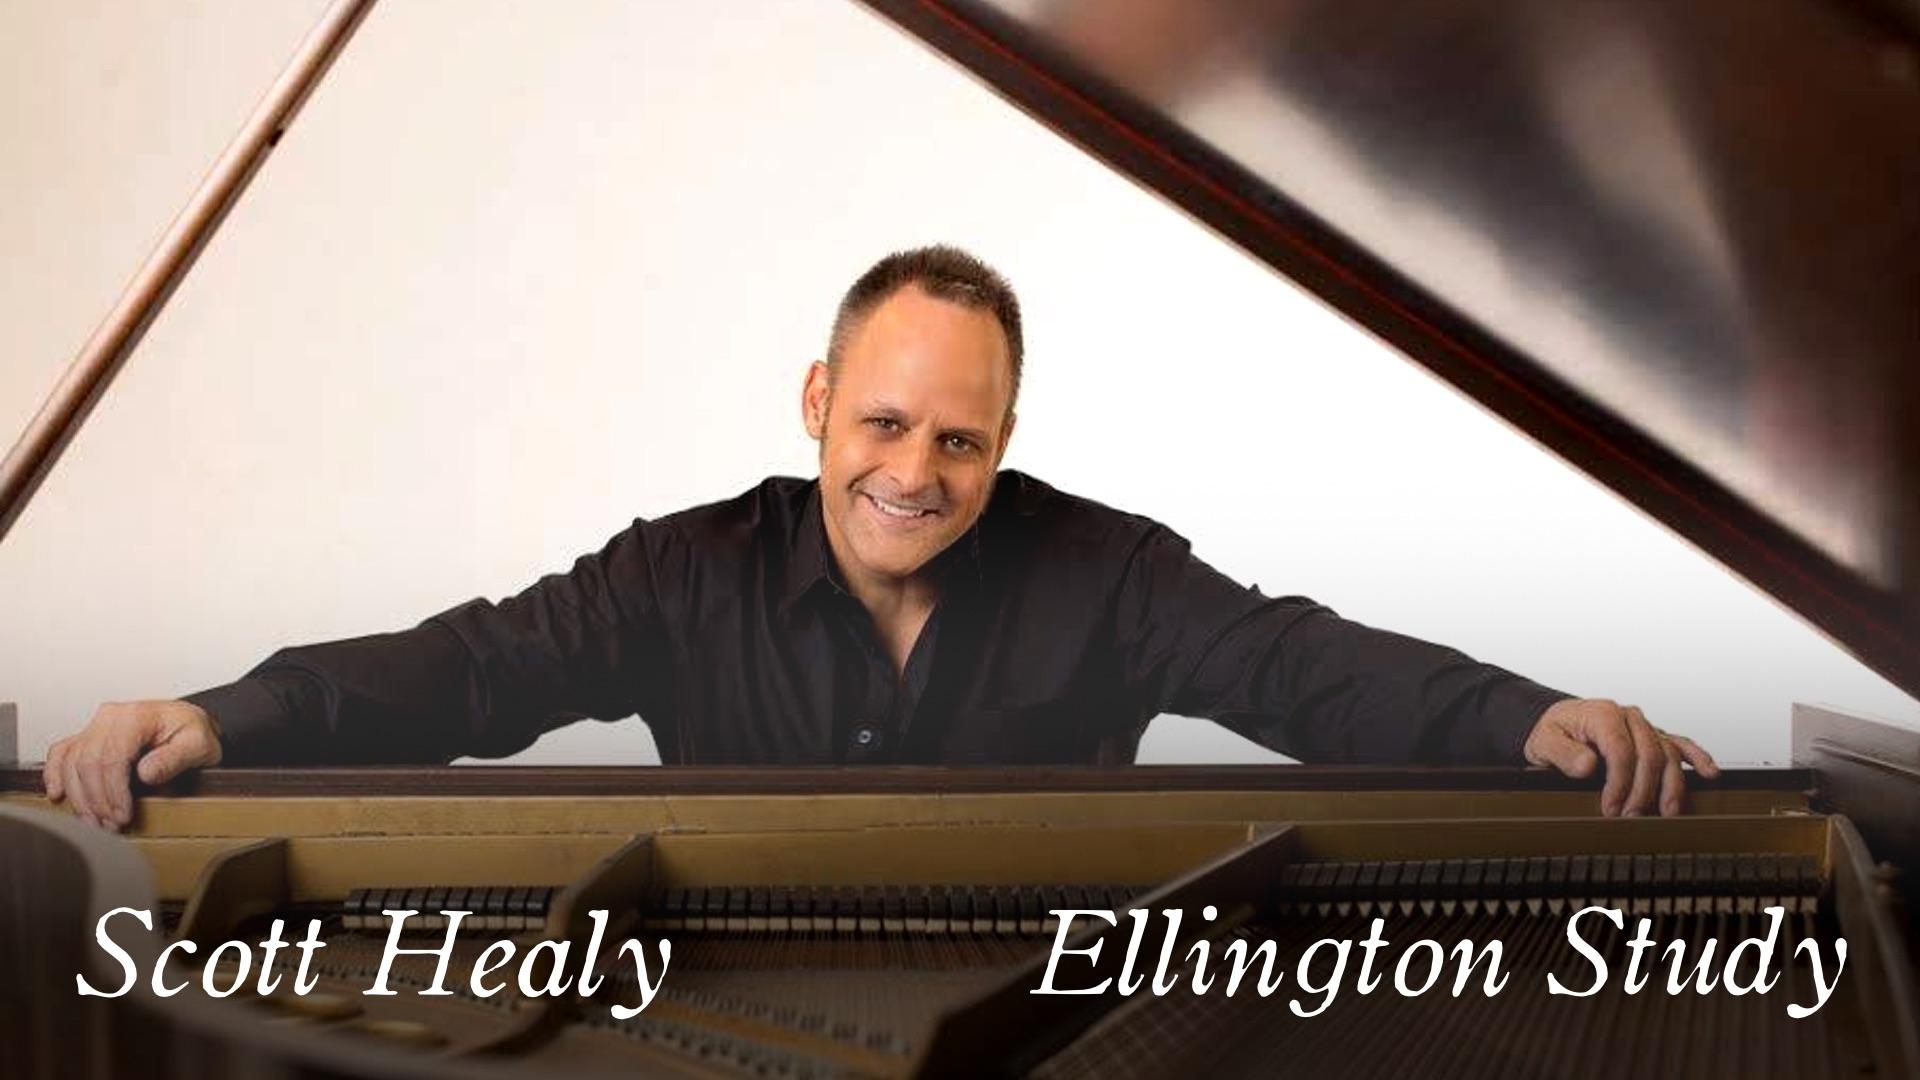 Ellington Study General